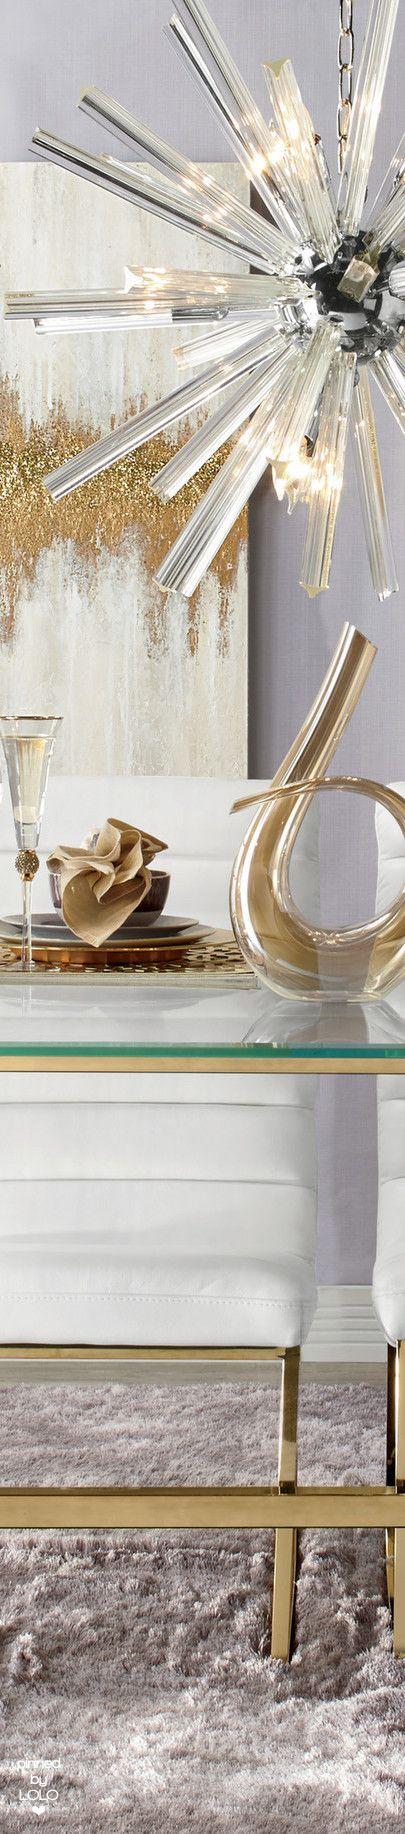 White Sugar Starburst Chandelier. DesignNashville.com luxury modern lighting